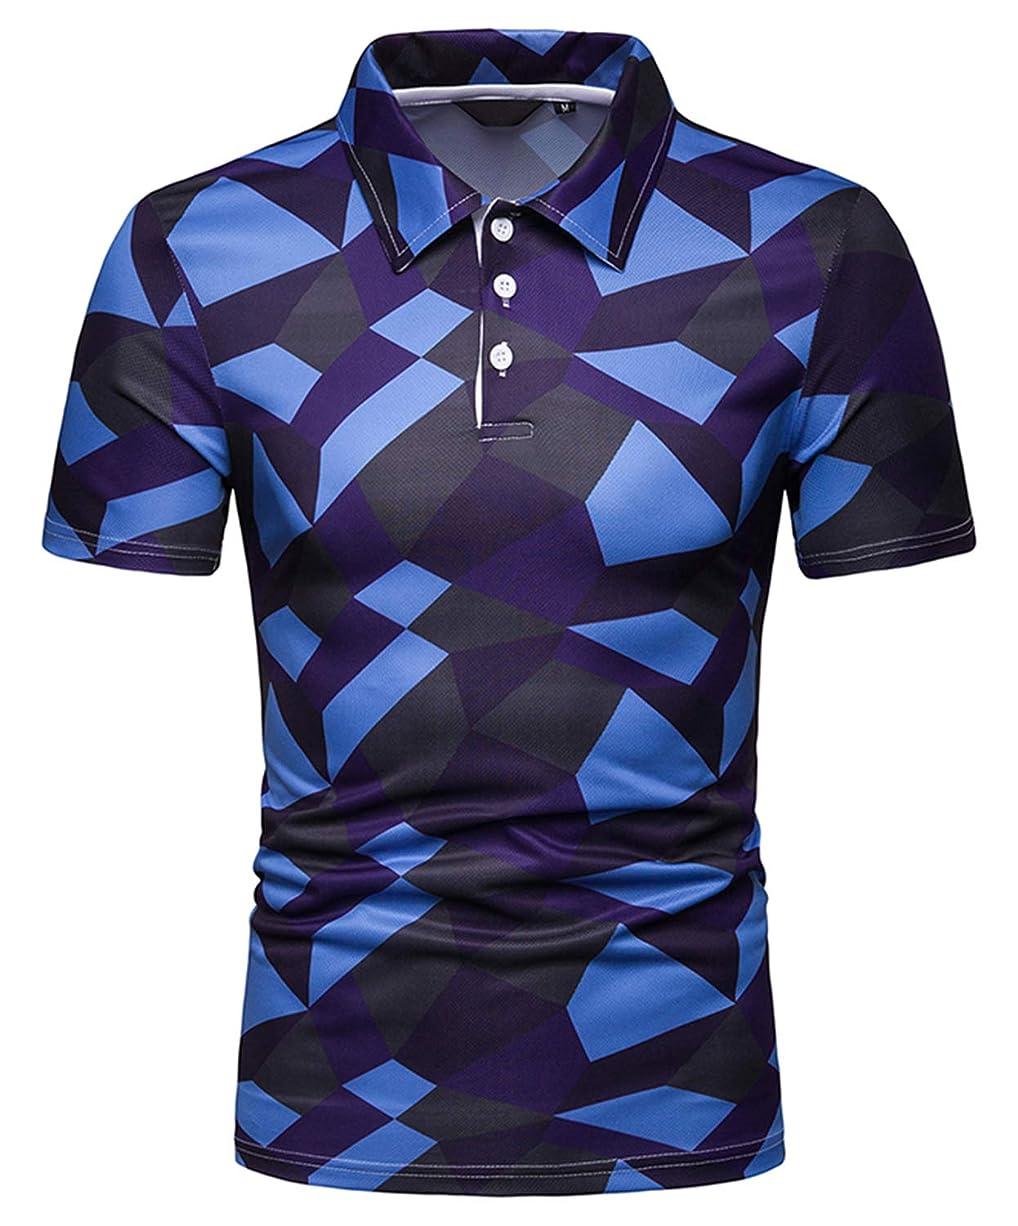 処理肩をすくめるアプライアンスWHATLEES メンズ 半袖 柄 ポロシャツ ビジネス ゴルフ スポーツ 吸汗速乾